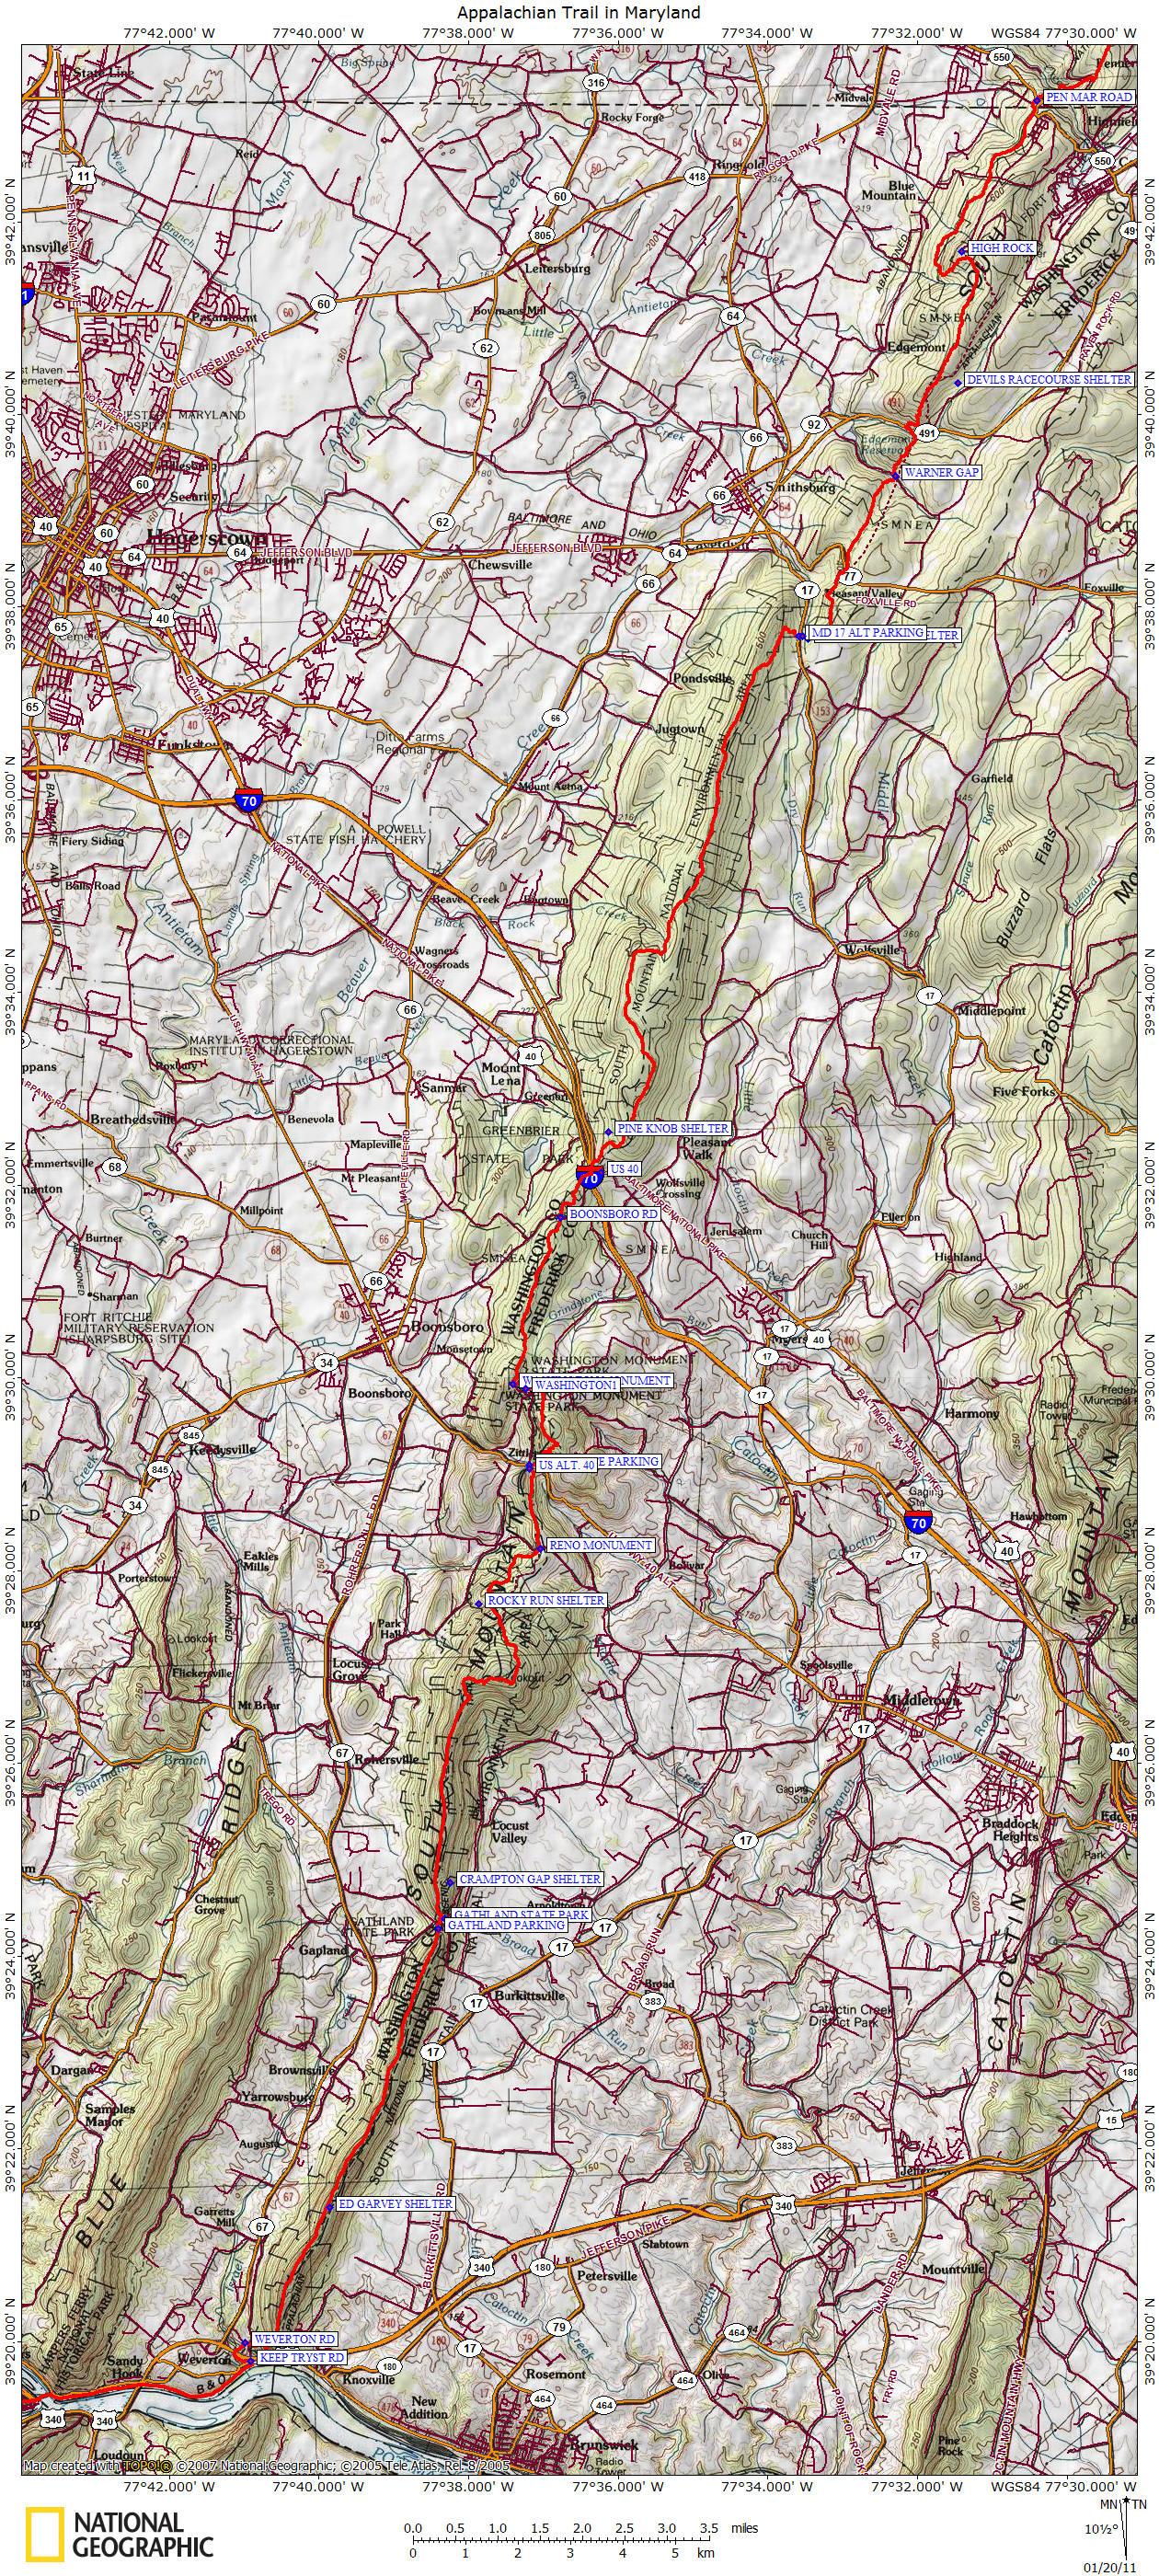 Appalachian Trail in Maryland